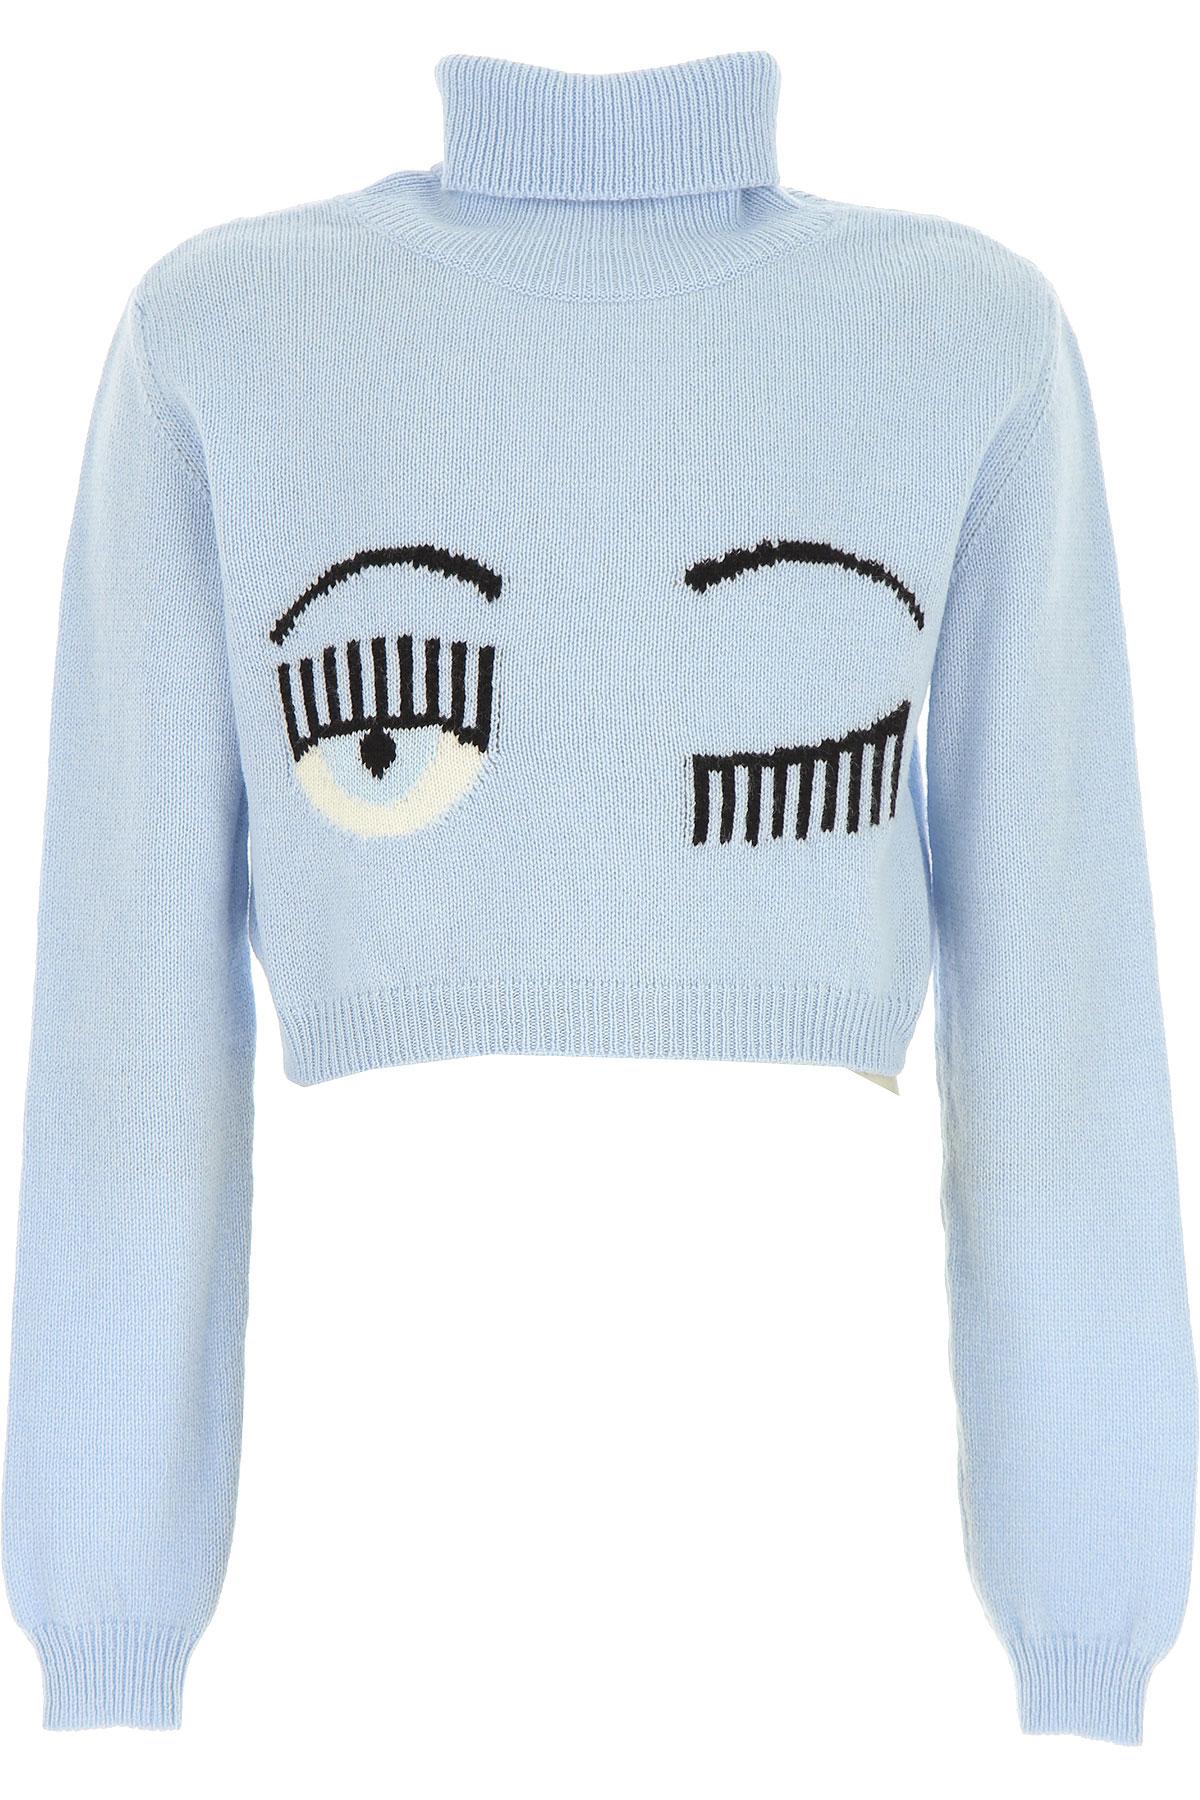 Chiara Ferragni Kids Sweaters for Girls On Sale, Skyblue, Wool, 2019, 10Y 12Y